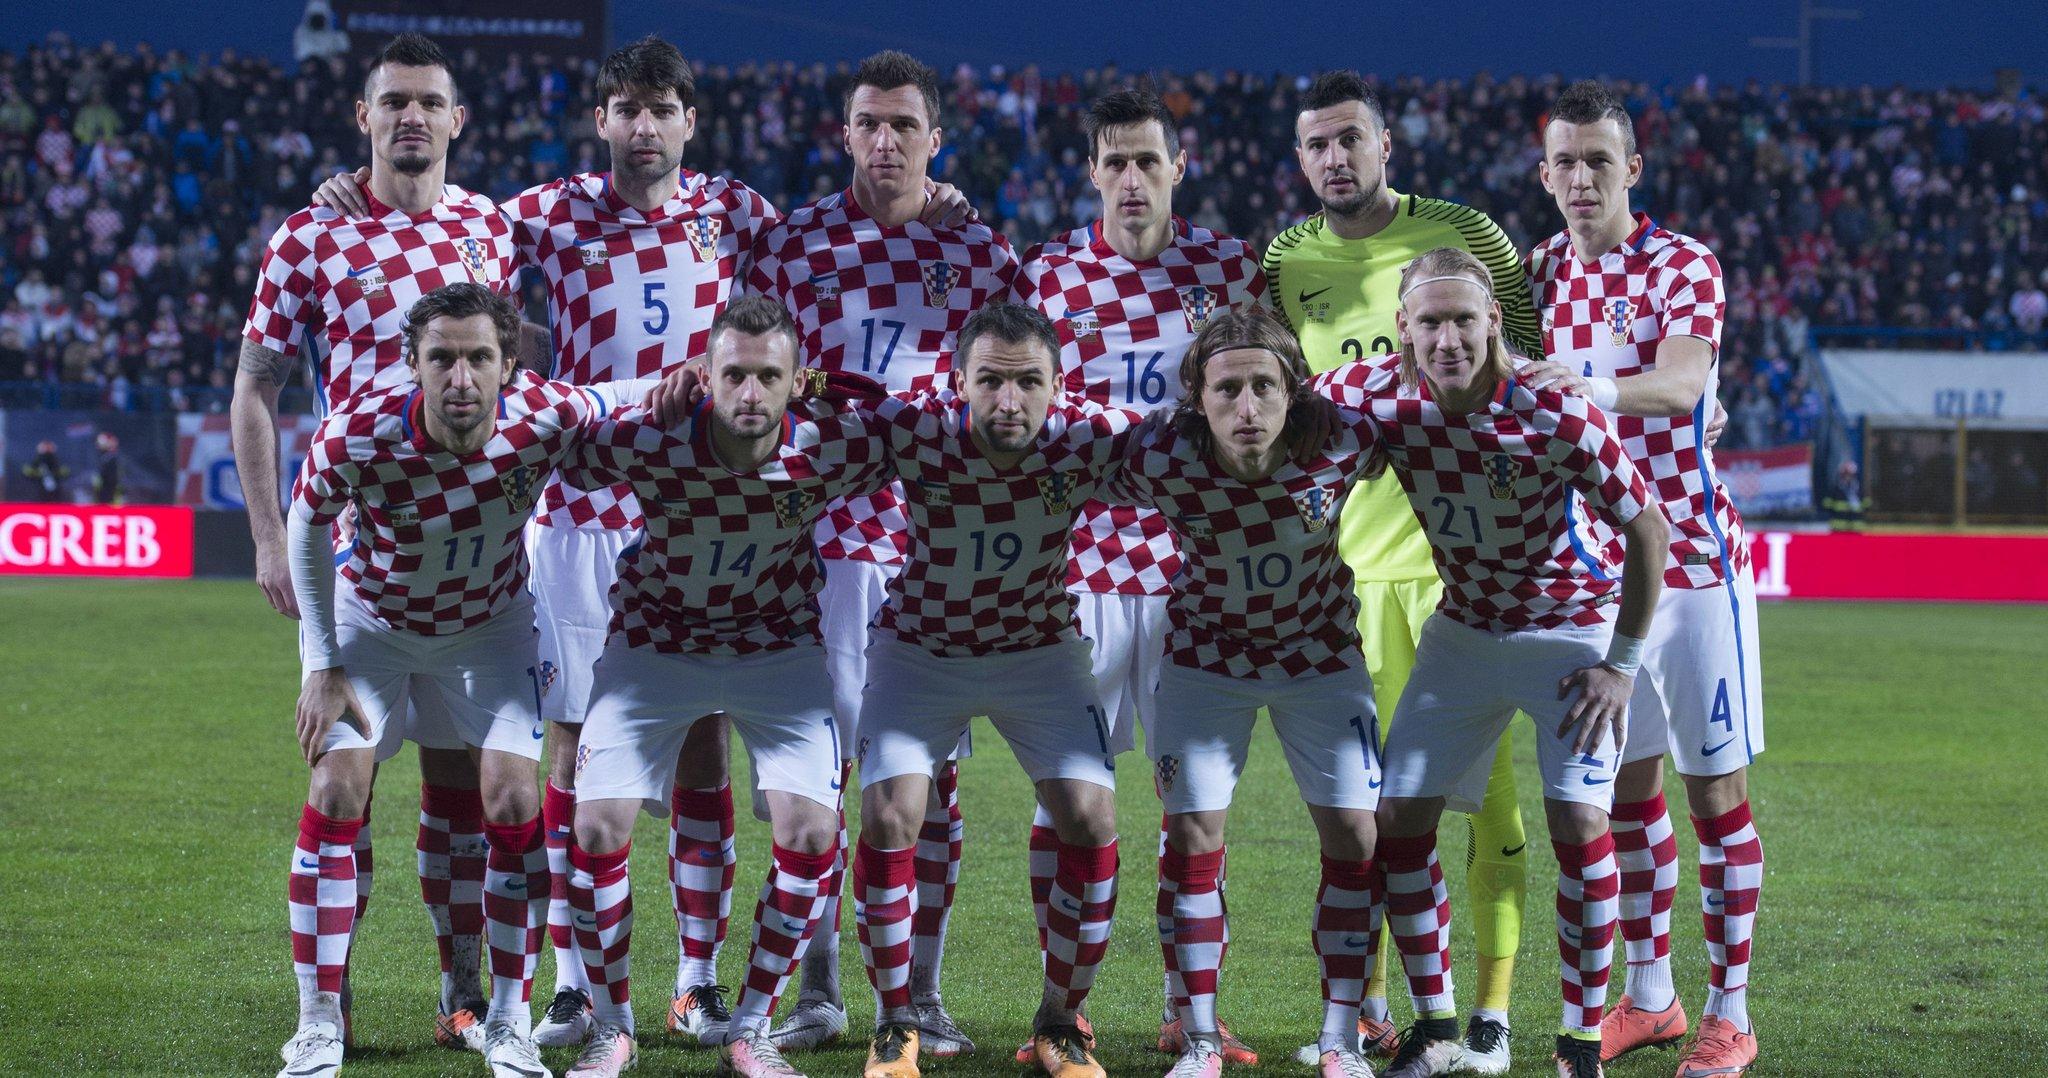 Euro 2016 - Croatia team profile